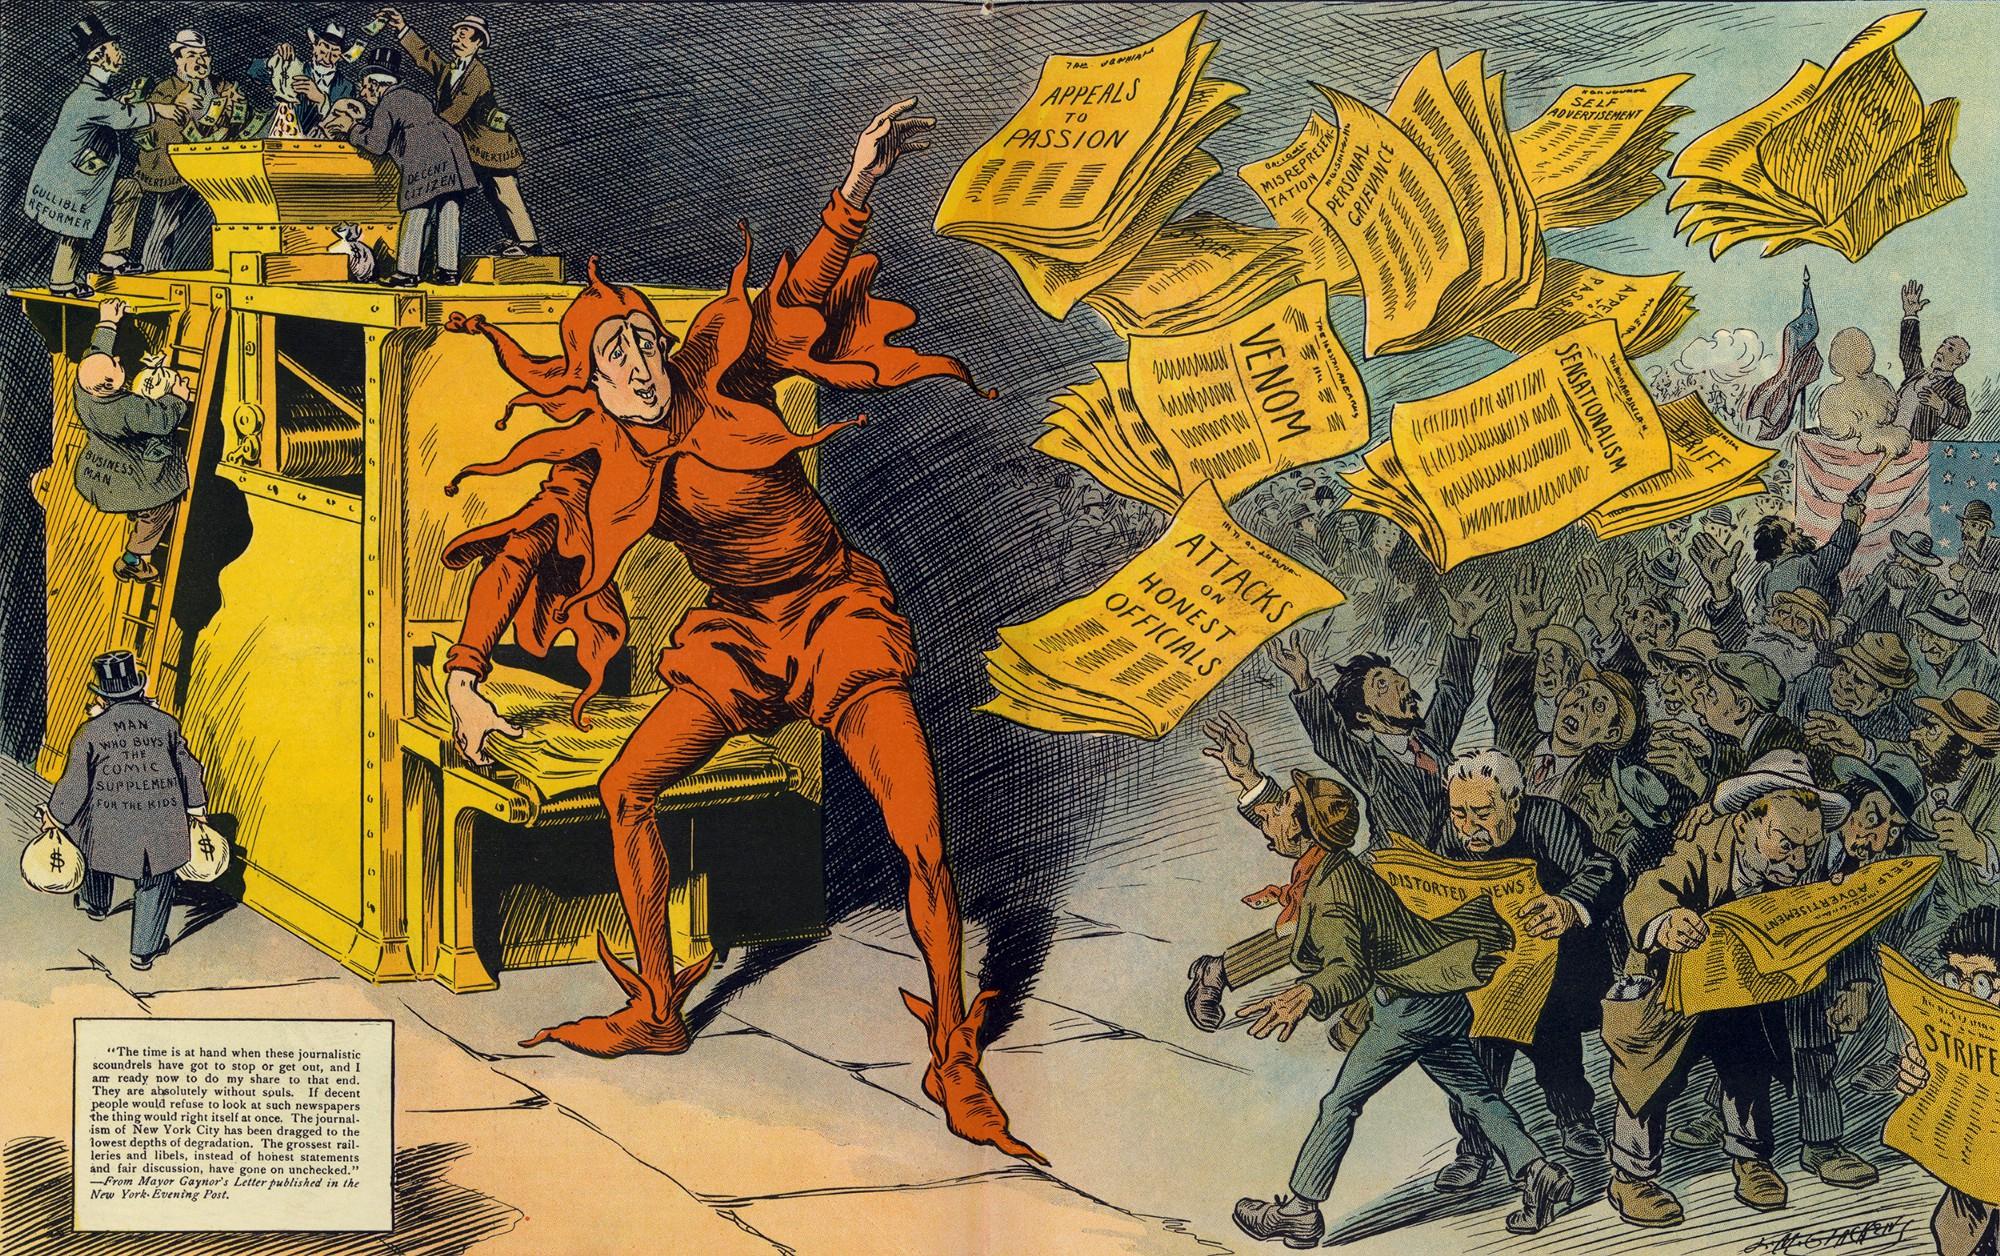 Newyorkilaisessa huumorilehti Puckissa vuonna 1910 julkaistu pilapiirros esitti keltaisen lehdistön totuuden vääristelijänä.